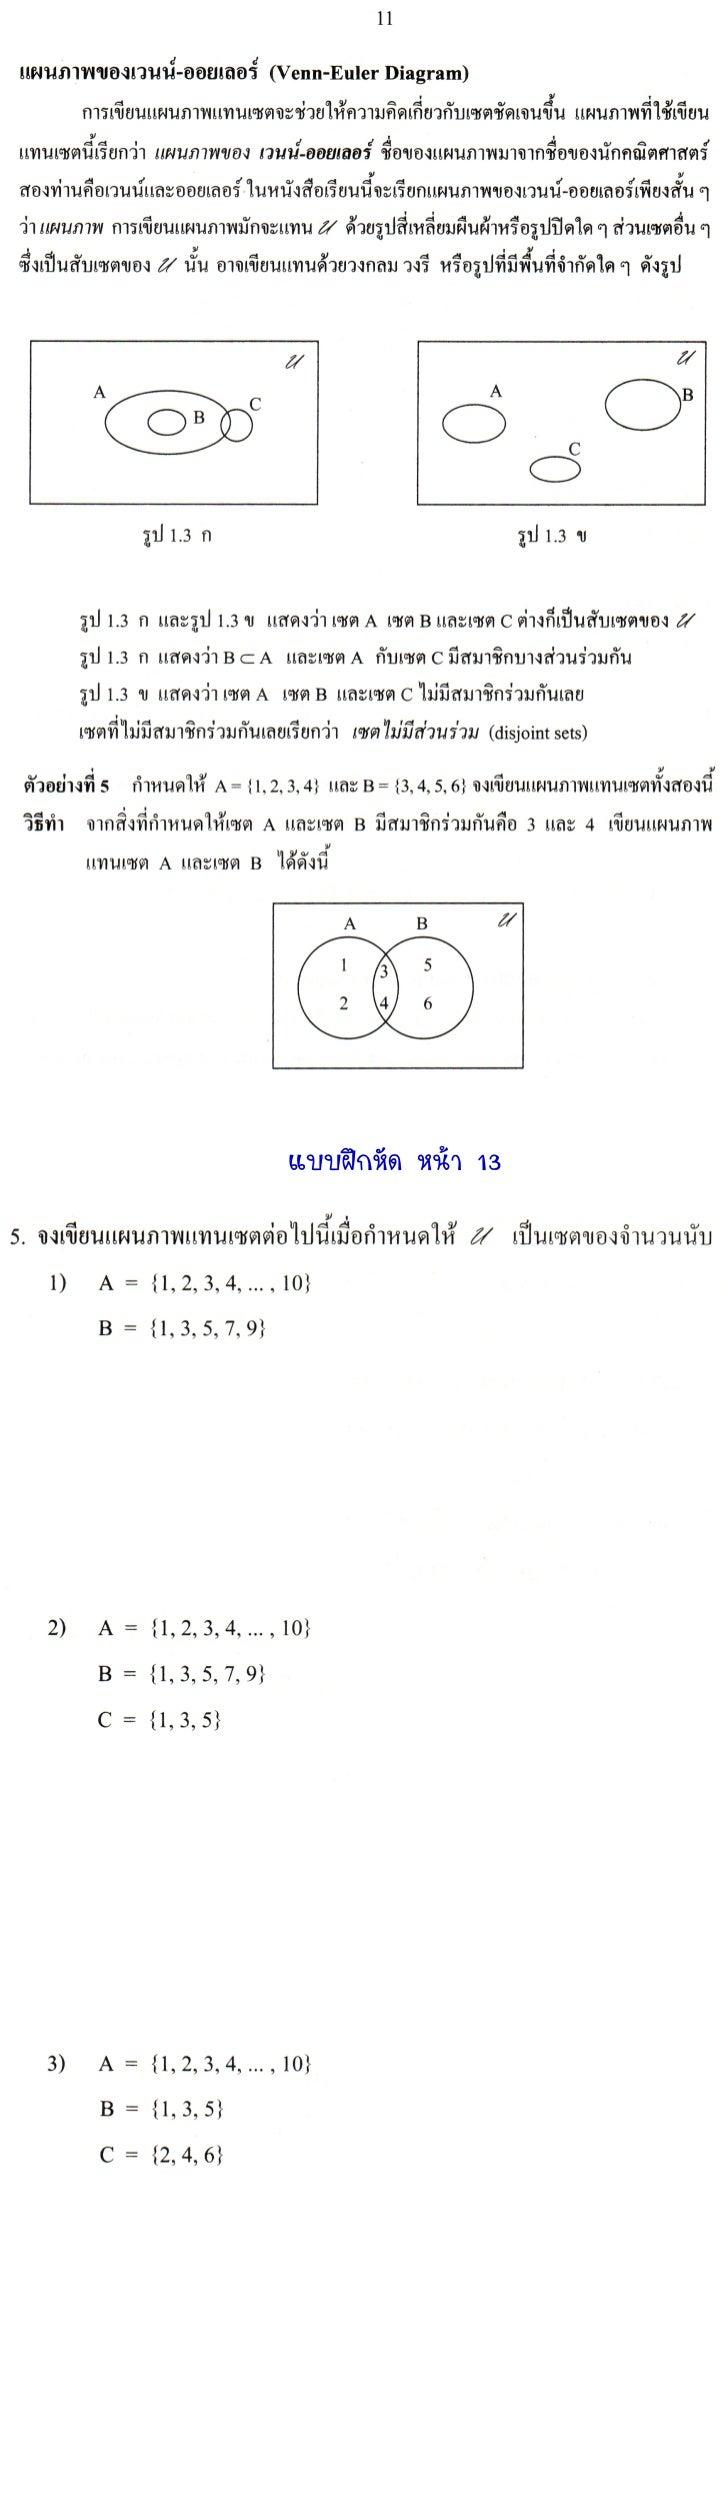 ẠËË 1º½ ѹ 3  ¡ Ò  ƒ Œ   ´